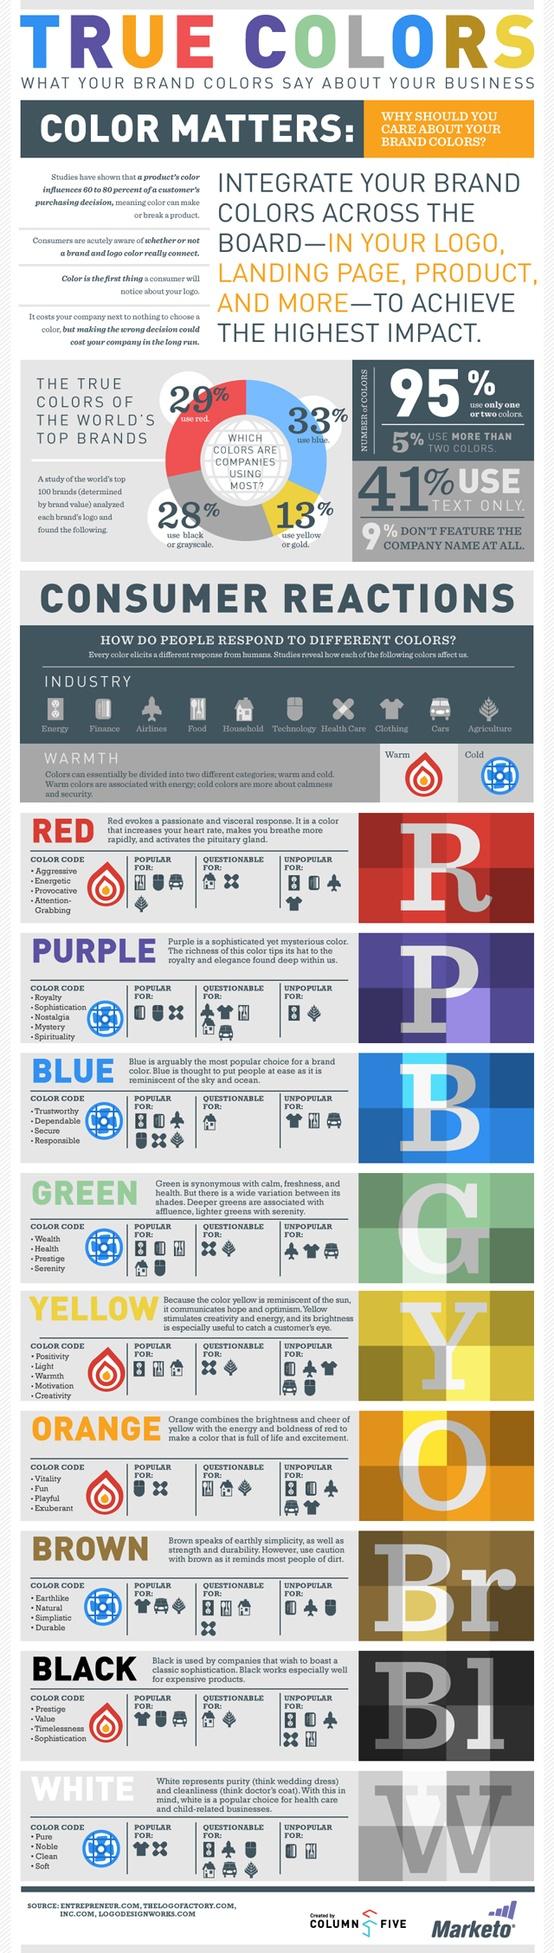 True Colors: Color Matters